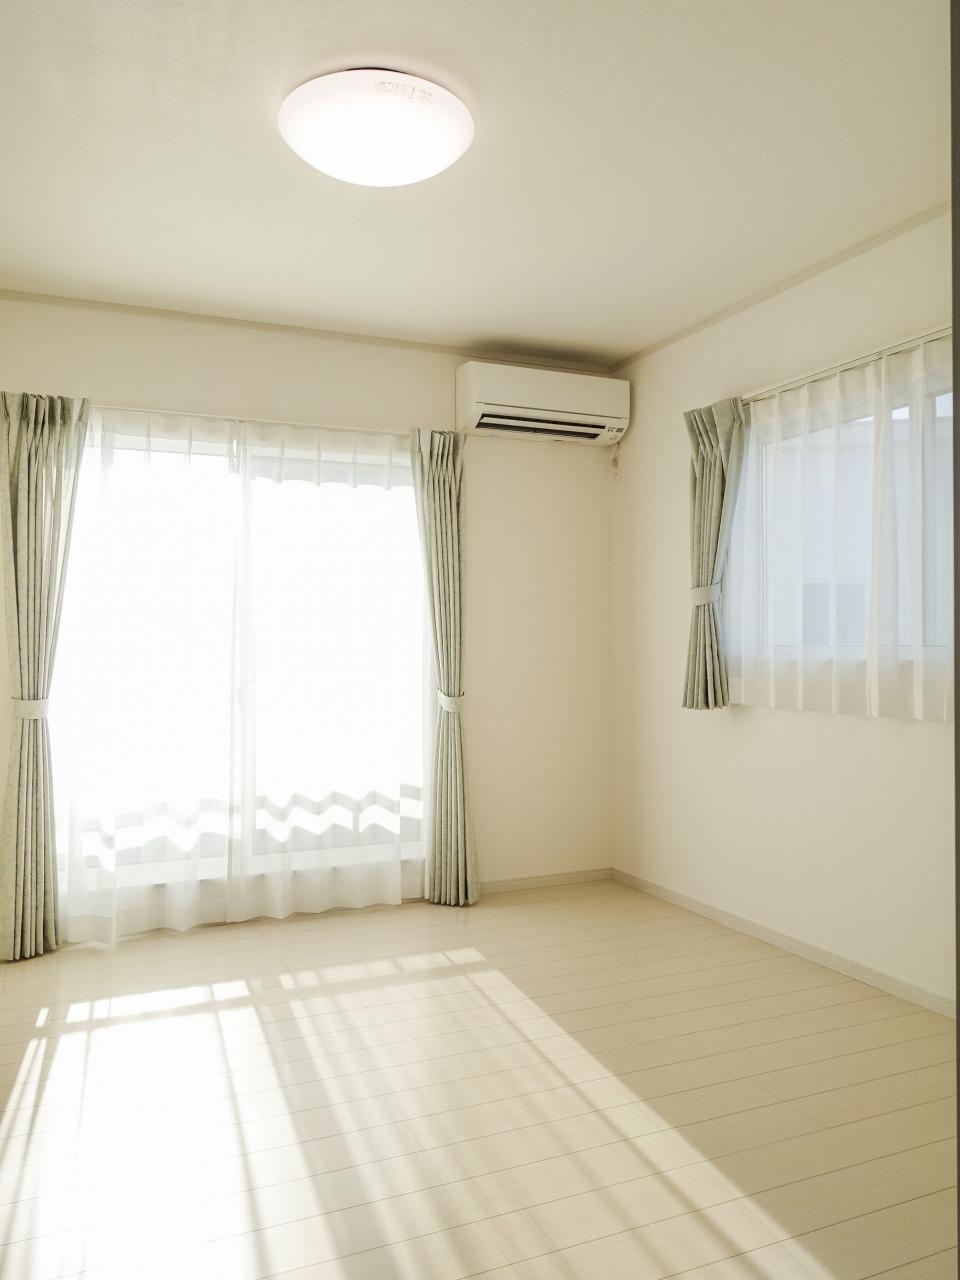 家族の住みやすさを追求したシンプルな家事楽住宅